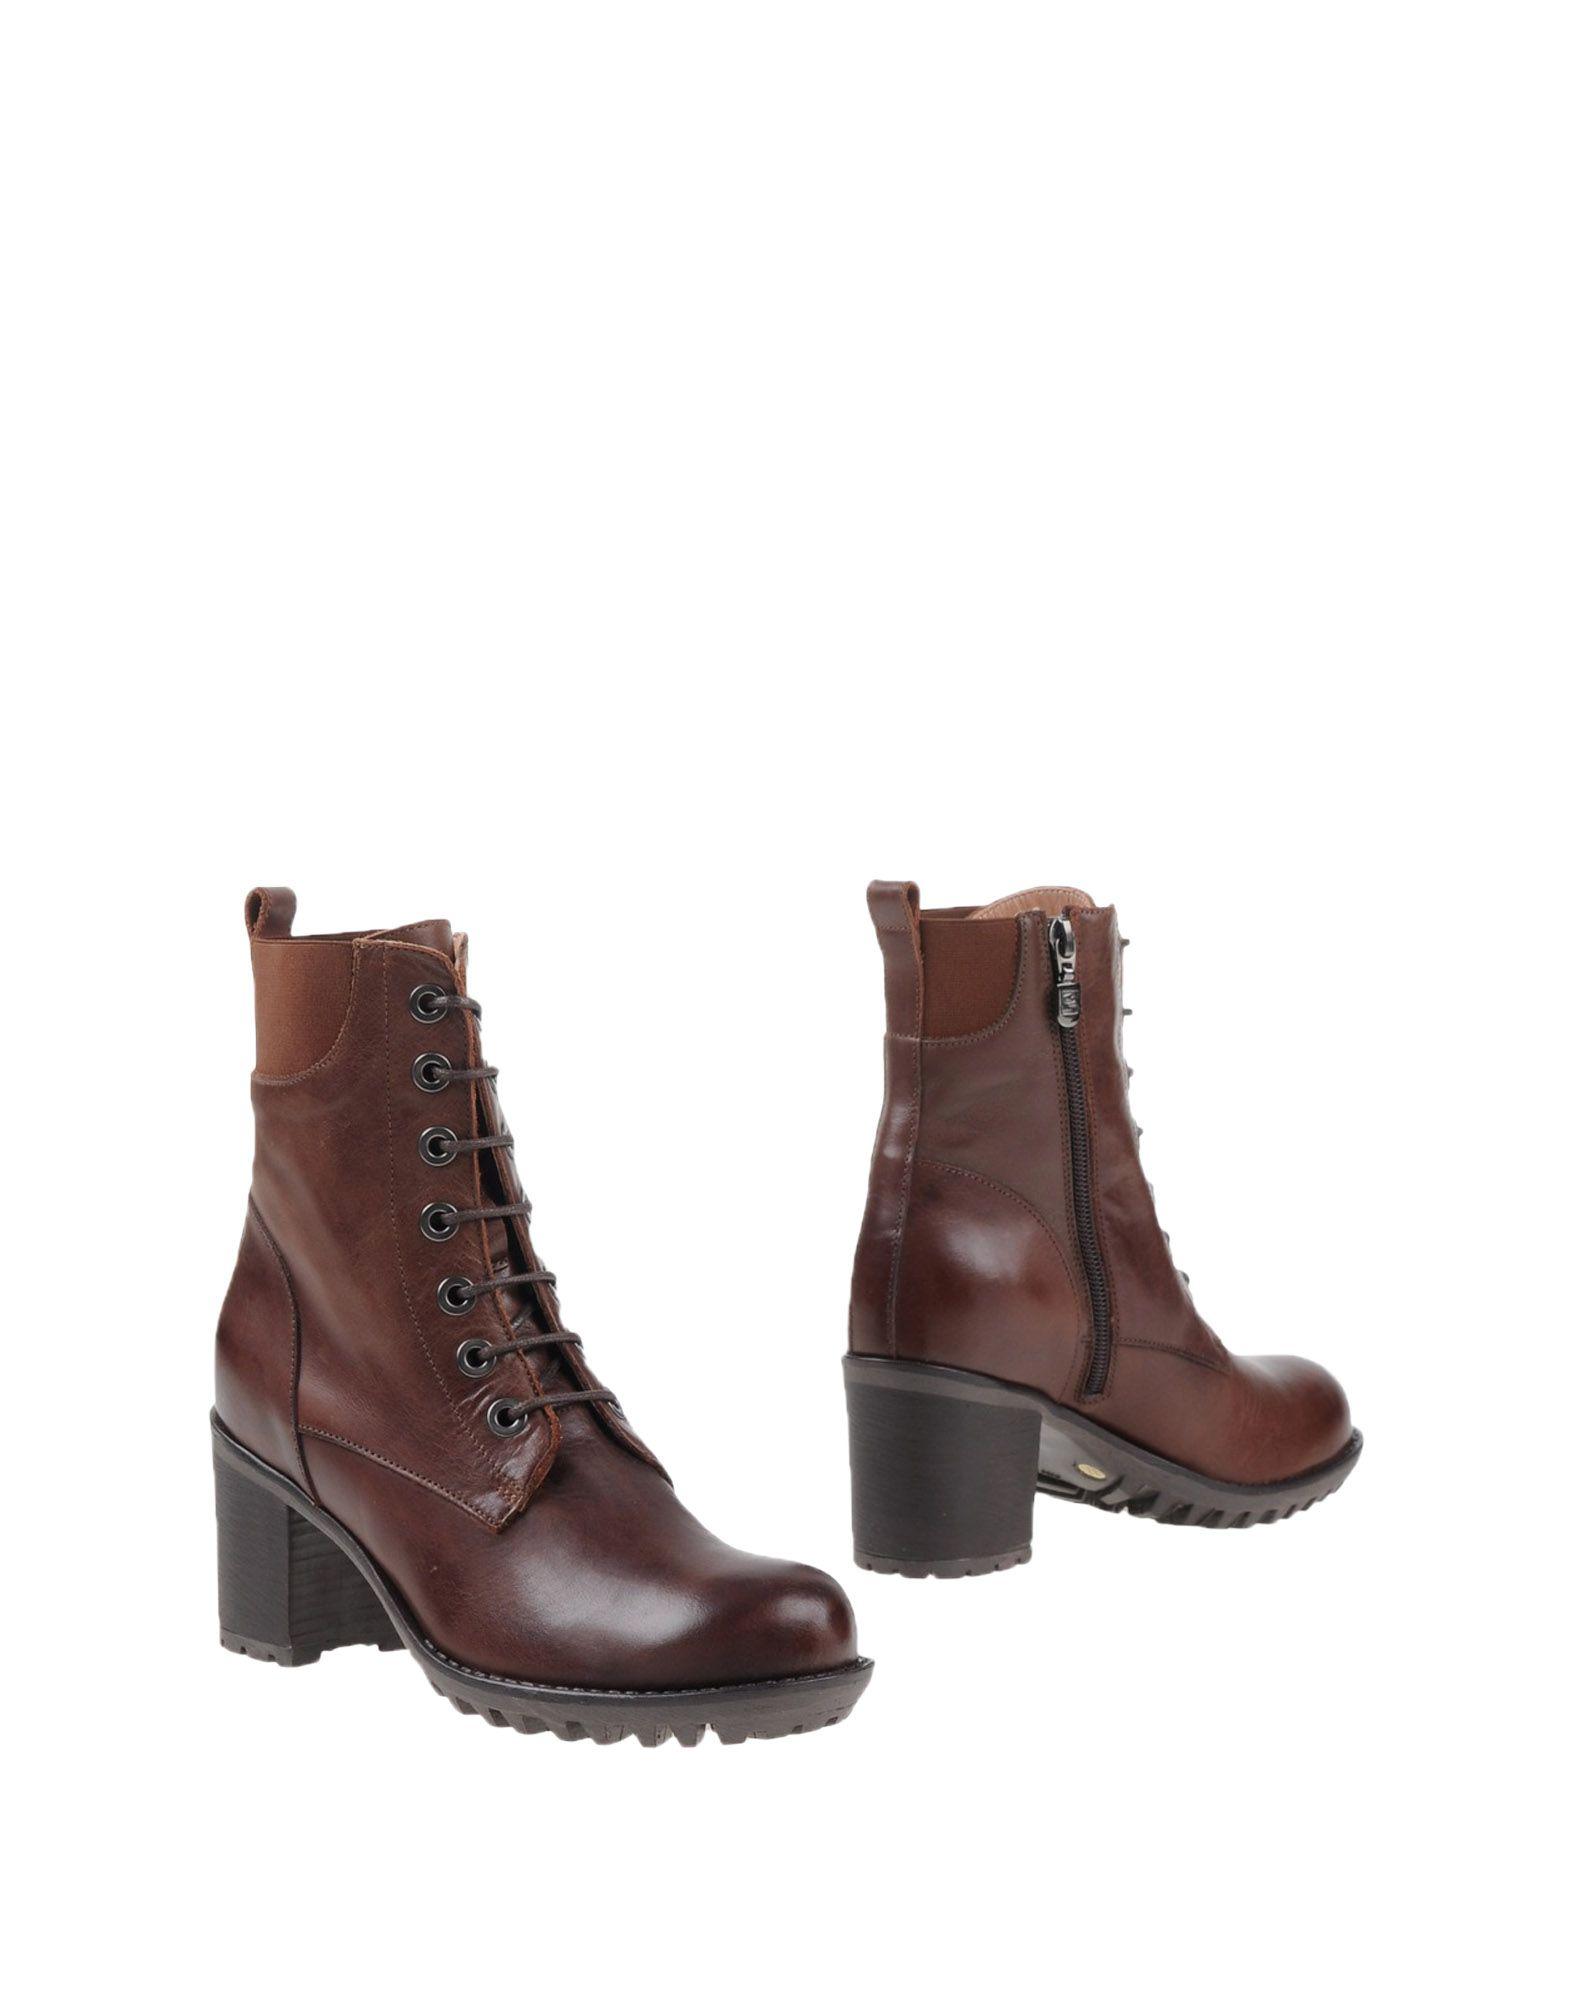 Fiorangelo Stiefelette Damen  11029603HD Gute Qualität beliebte Schuhe